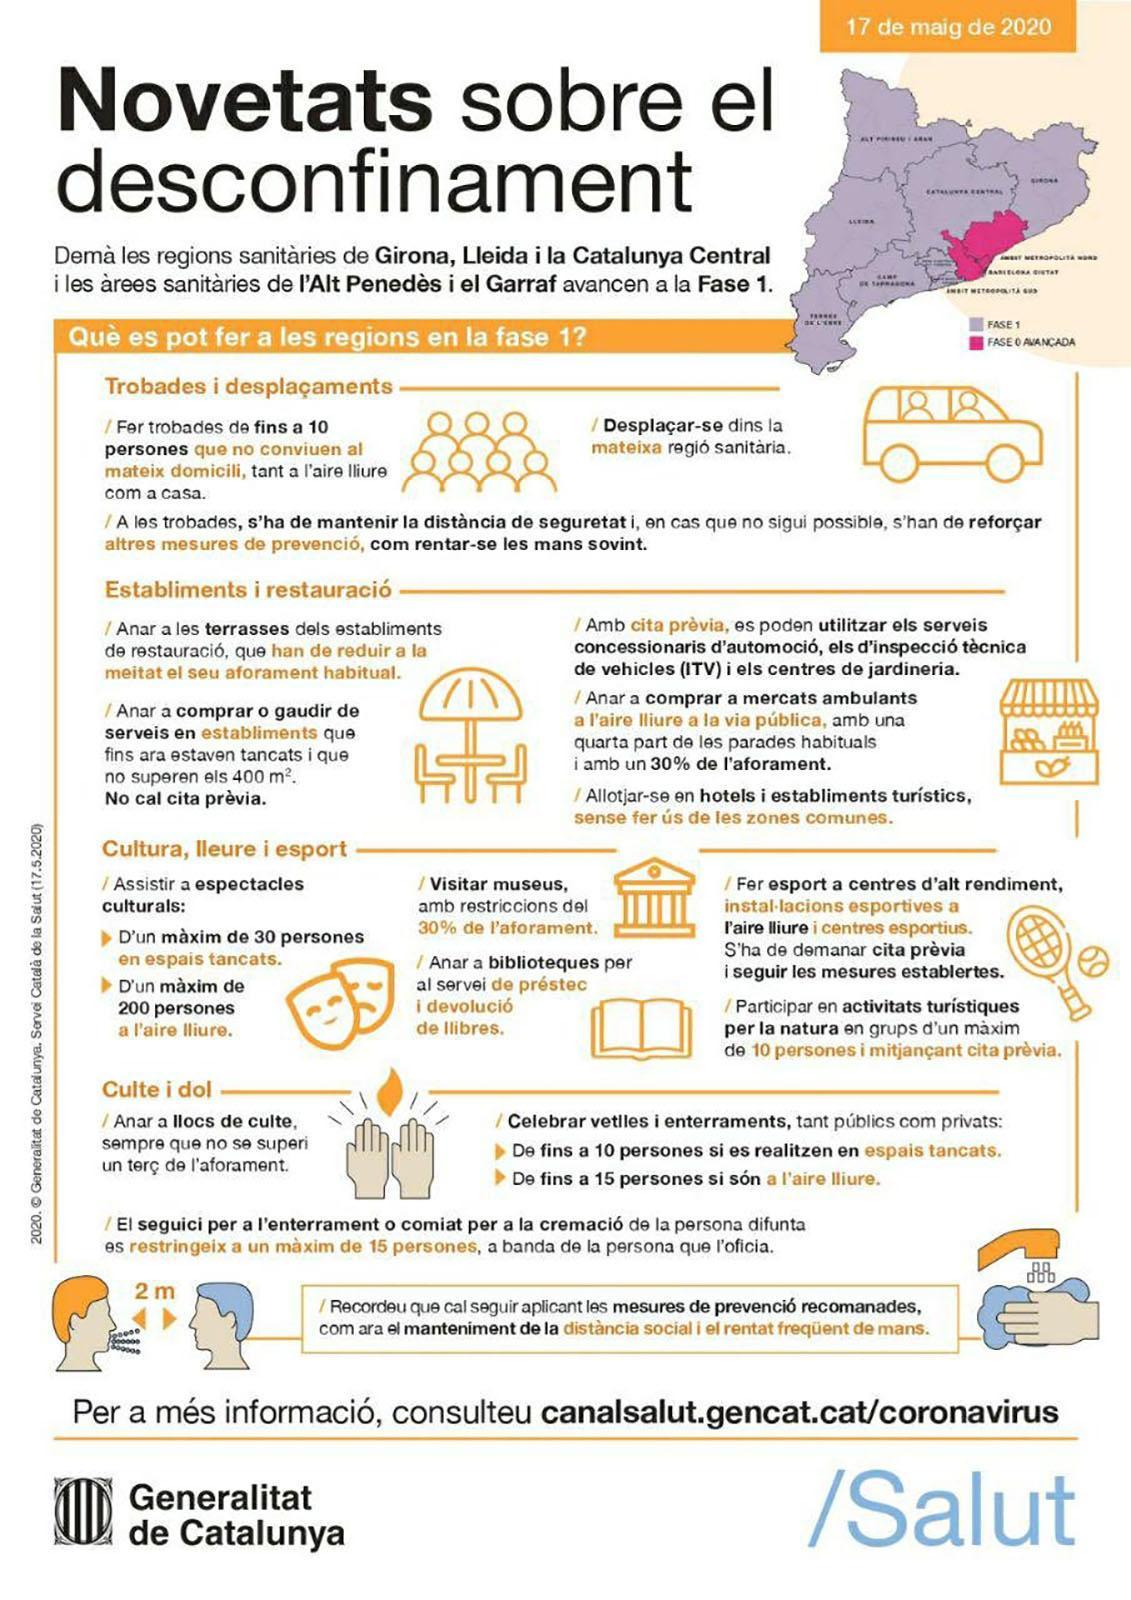 FAQS sobre les restriccions d'activitats a la Fase 1 pel COVID-19 a Catalunya